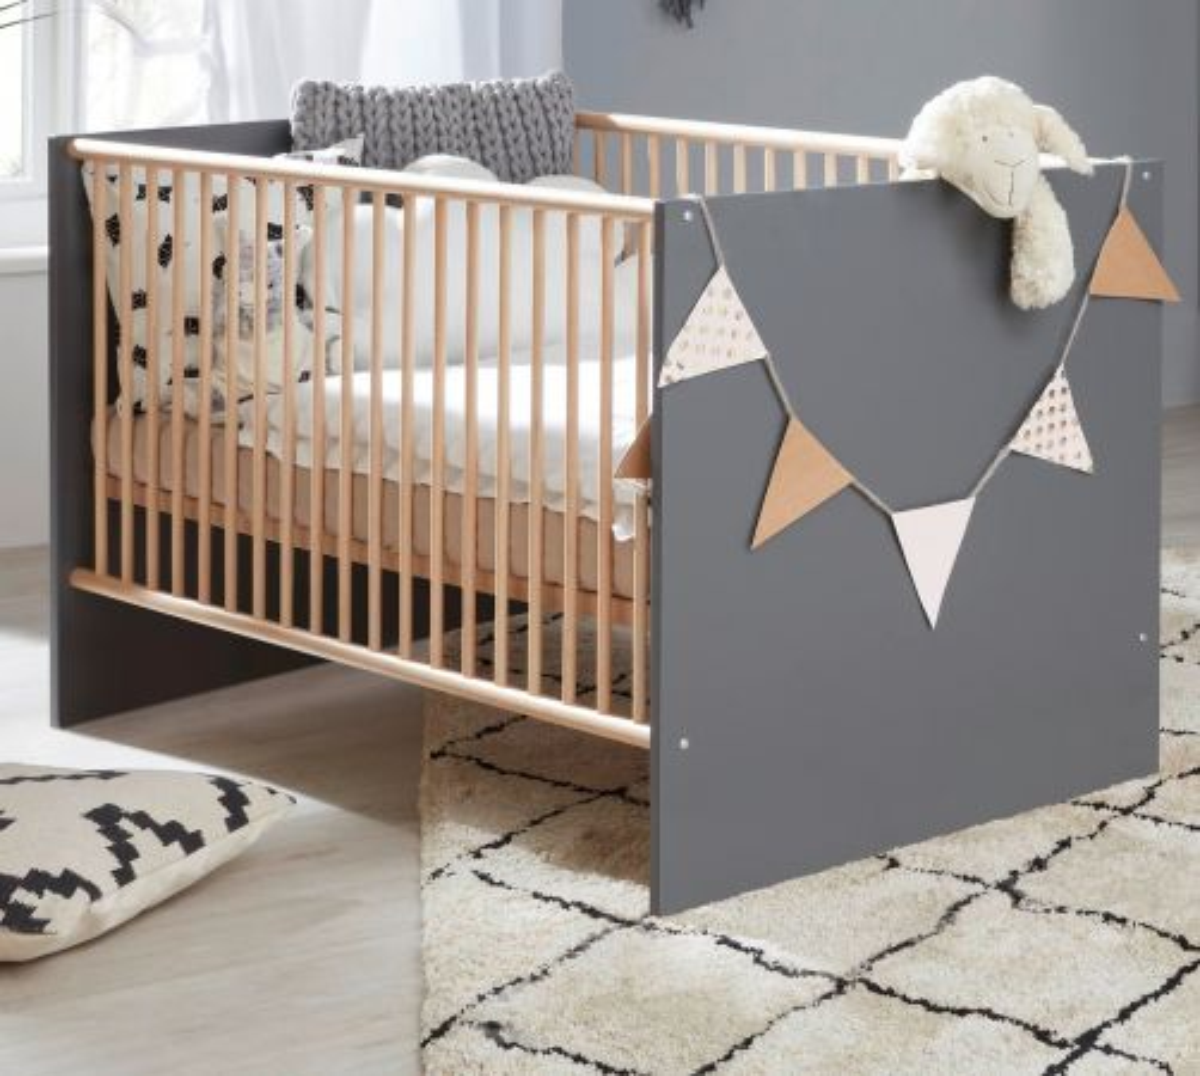 Babybett Mats grau matt mit Buche massiv 70 x 140 cm Gitterbett mit Schlupfsprossen und Lattenrost